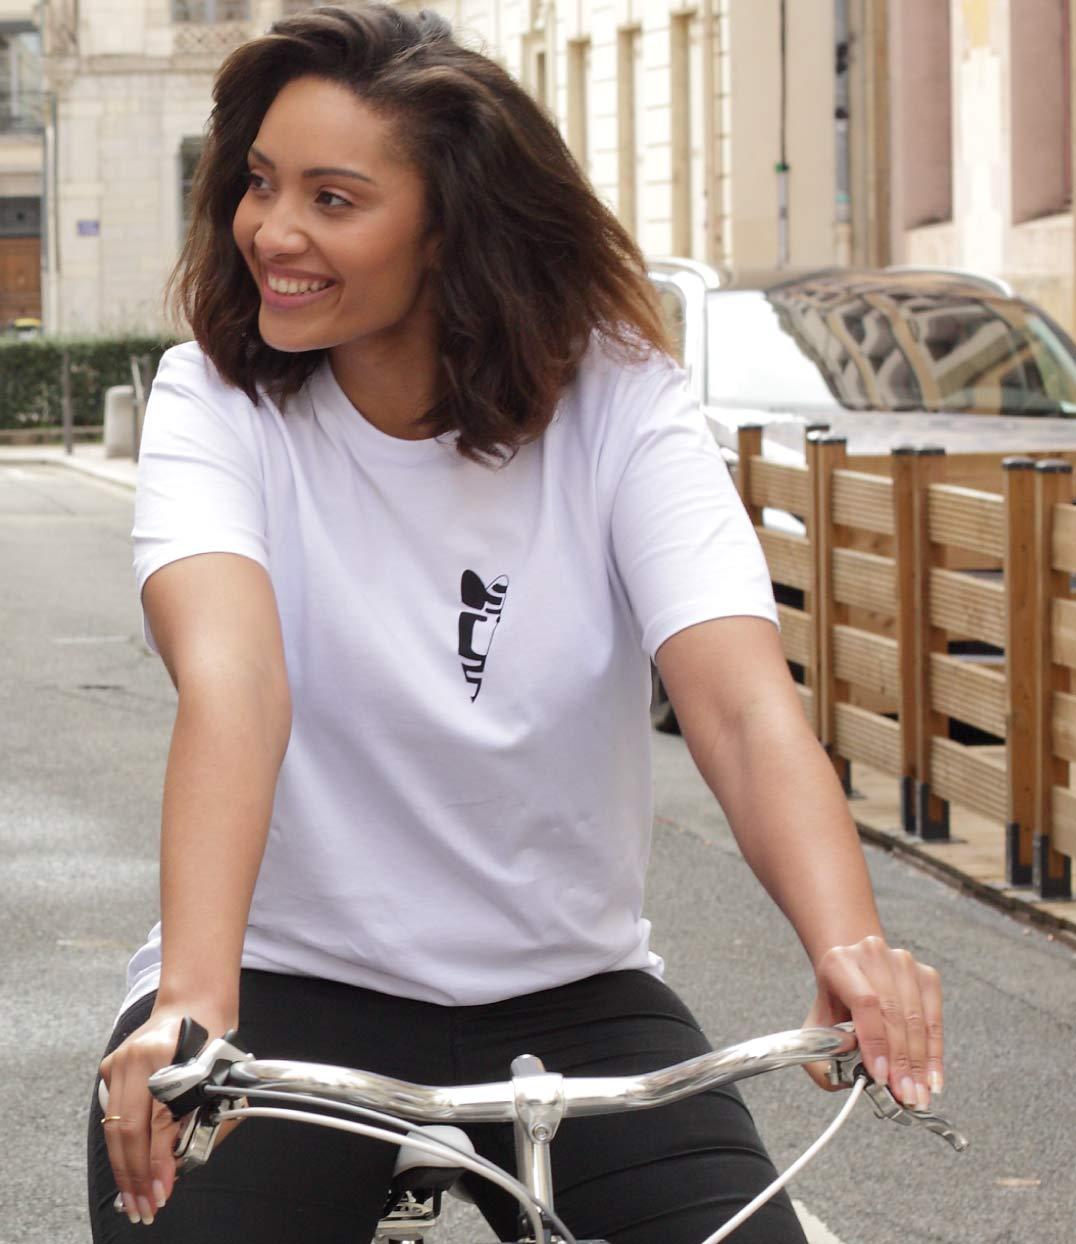 Une femme brune fait du vélo. Elle sourie et porte le tshirt abracito coeur noir en coton biologique leonor roversi